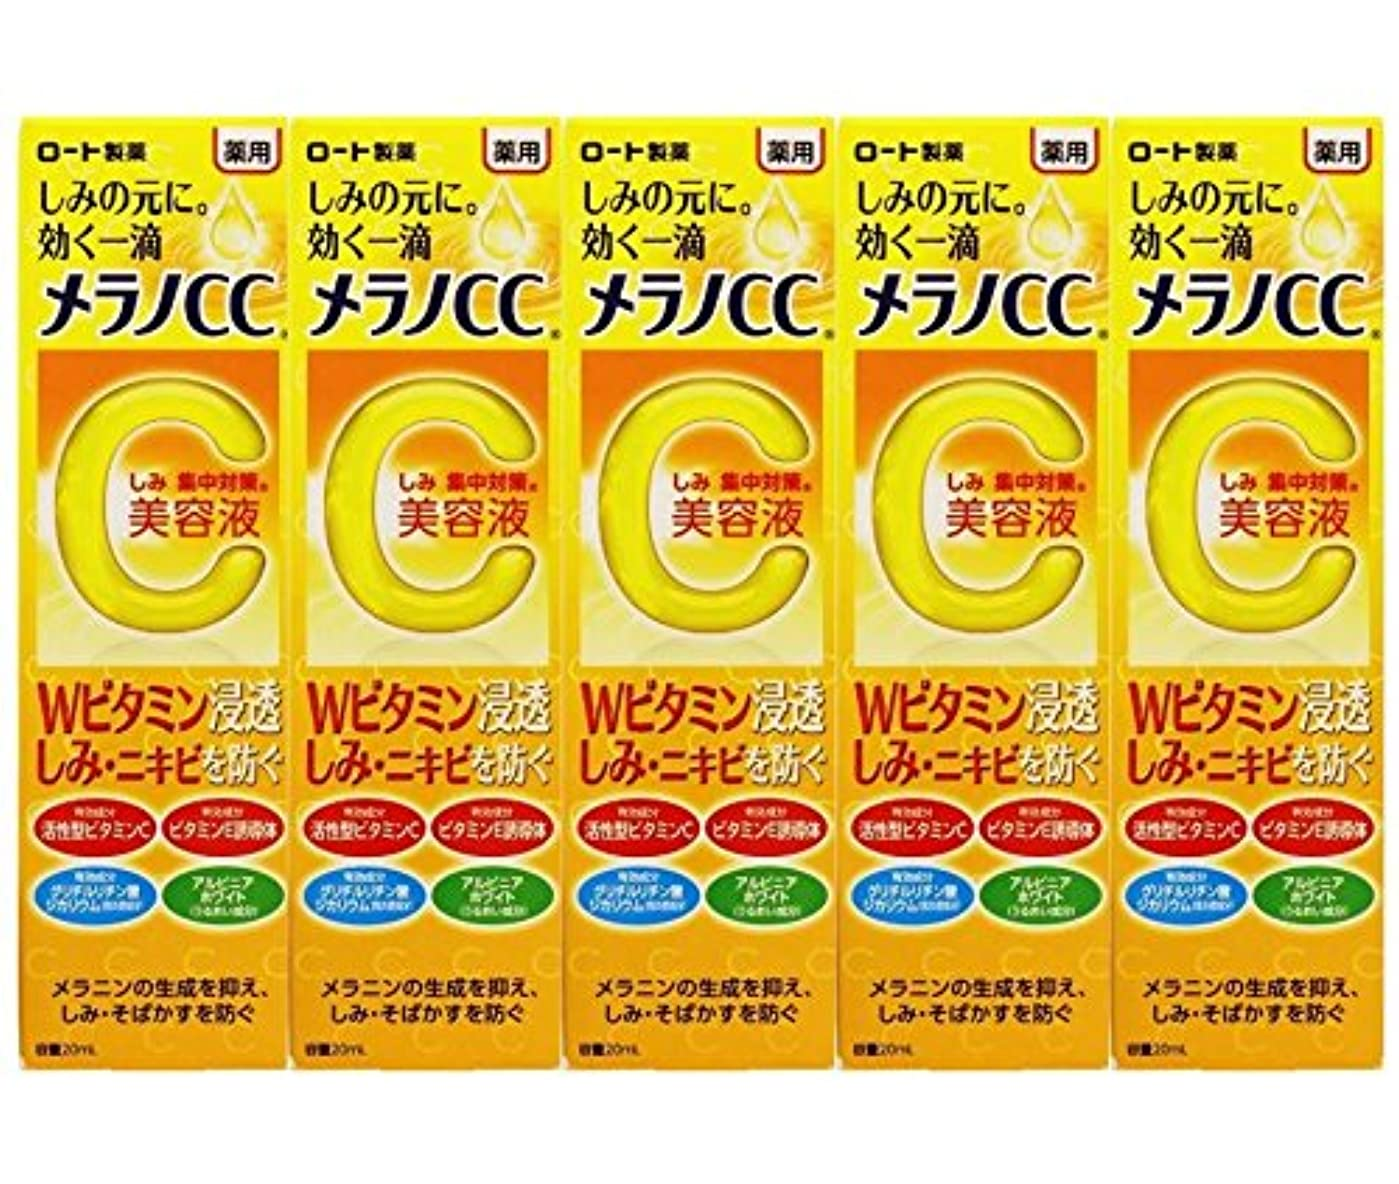 週末トリプル芽メラノCC 薬用 しみ 集中対策 美容液 20mL【5本セット】